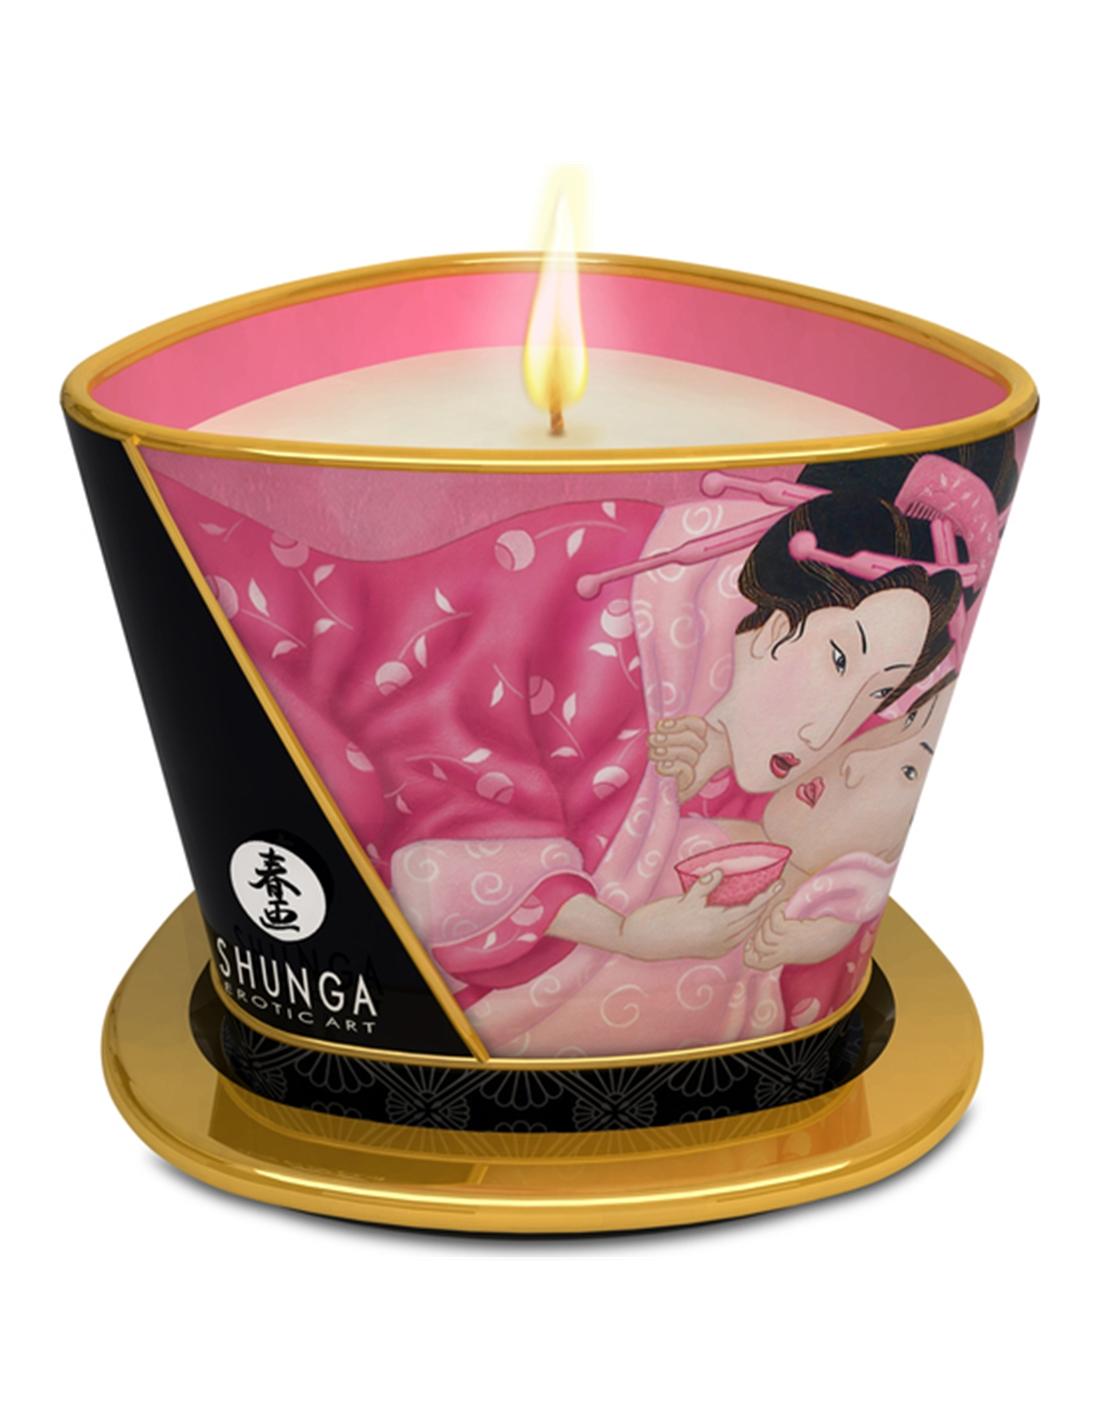 Vela De Massagem Shunga Aphrodisia Pétalas De Rosa - 170ml - PR2010300304